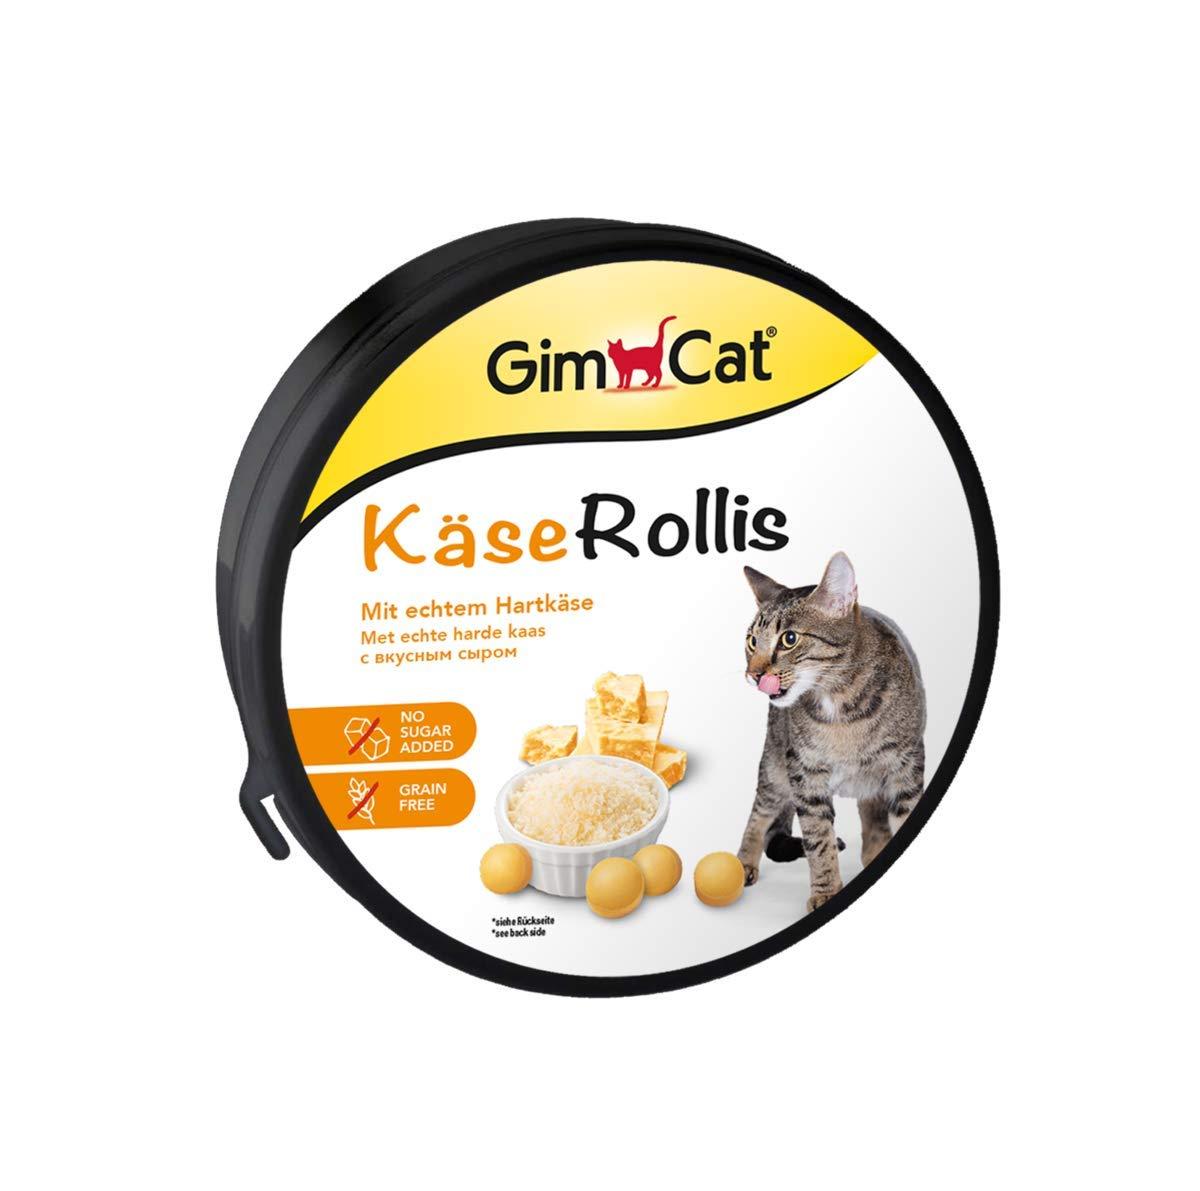 GimCat circulitos de queso , Aperitivo para gatos rico en vitaminas, con auténtico queso de pasta prensada , 1 ración (1 x 200 g): Amazon.es: Productos para ...